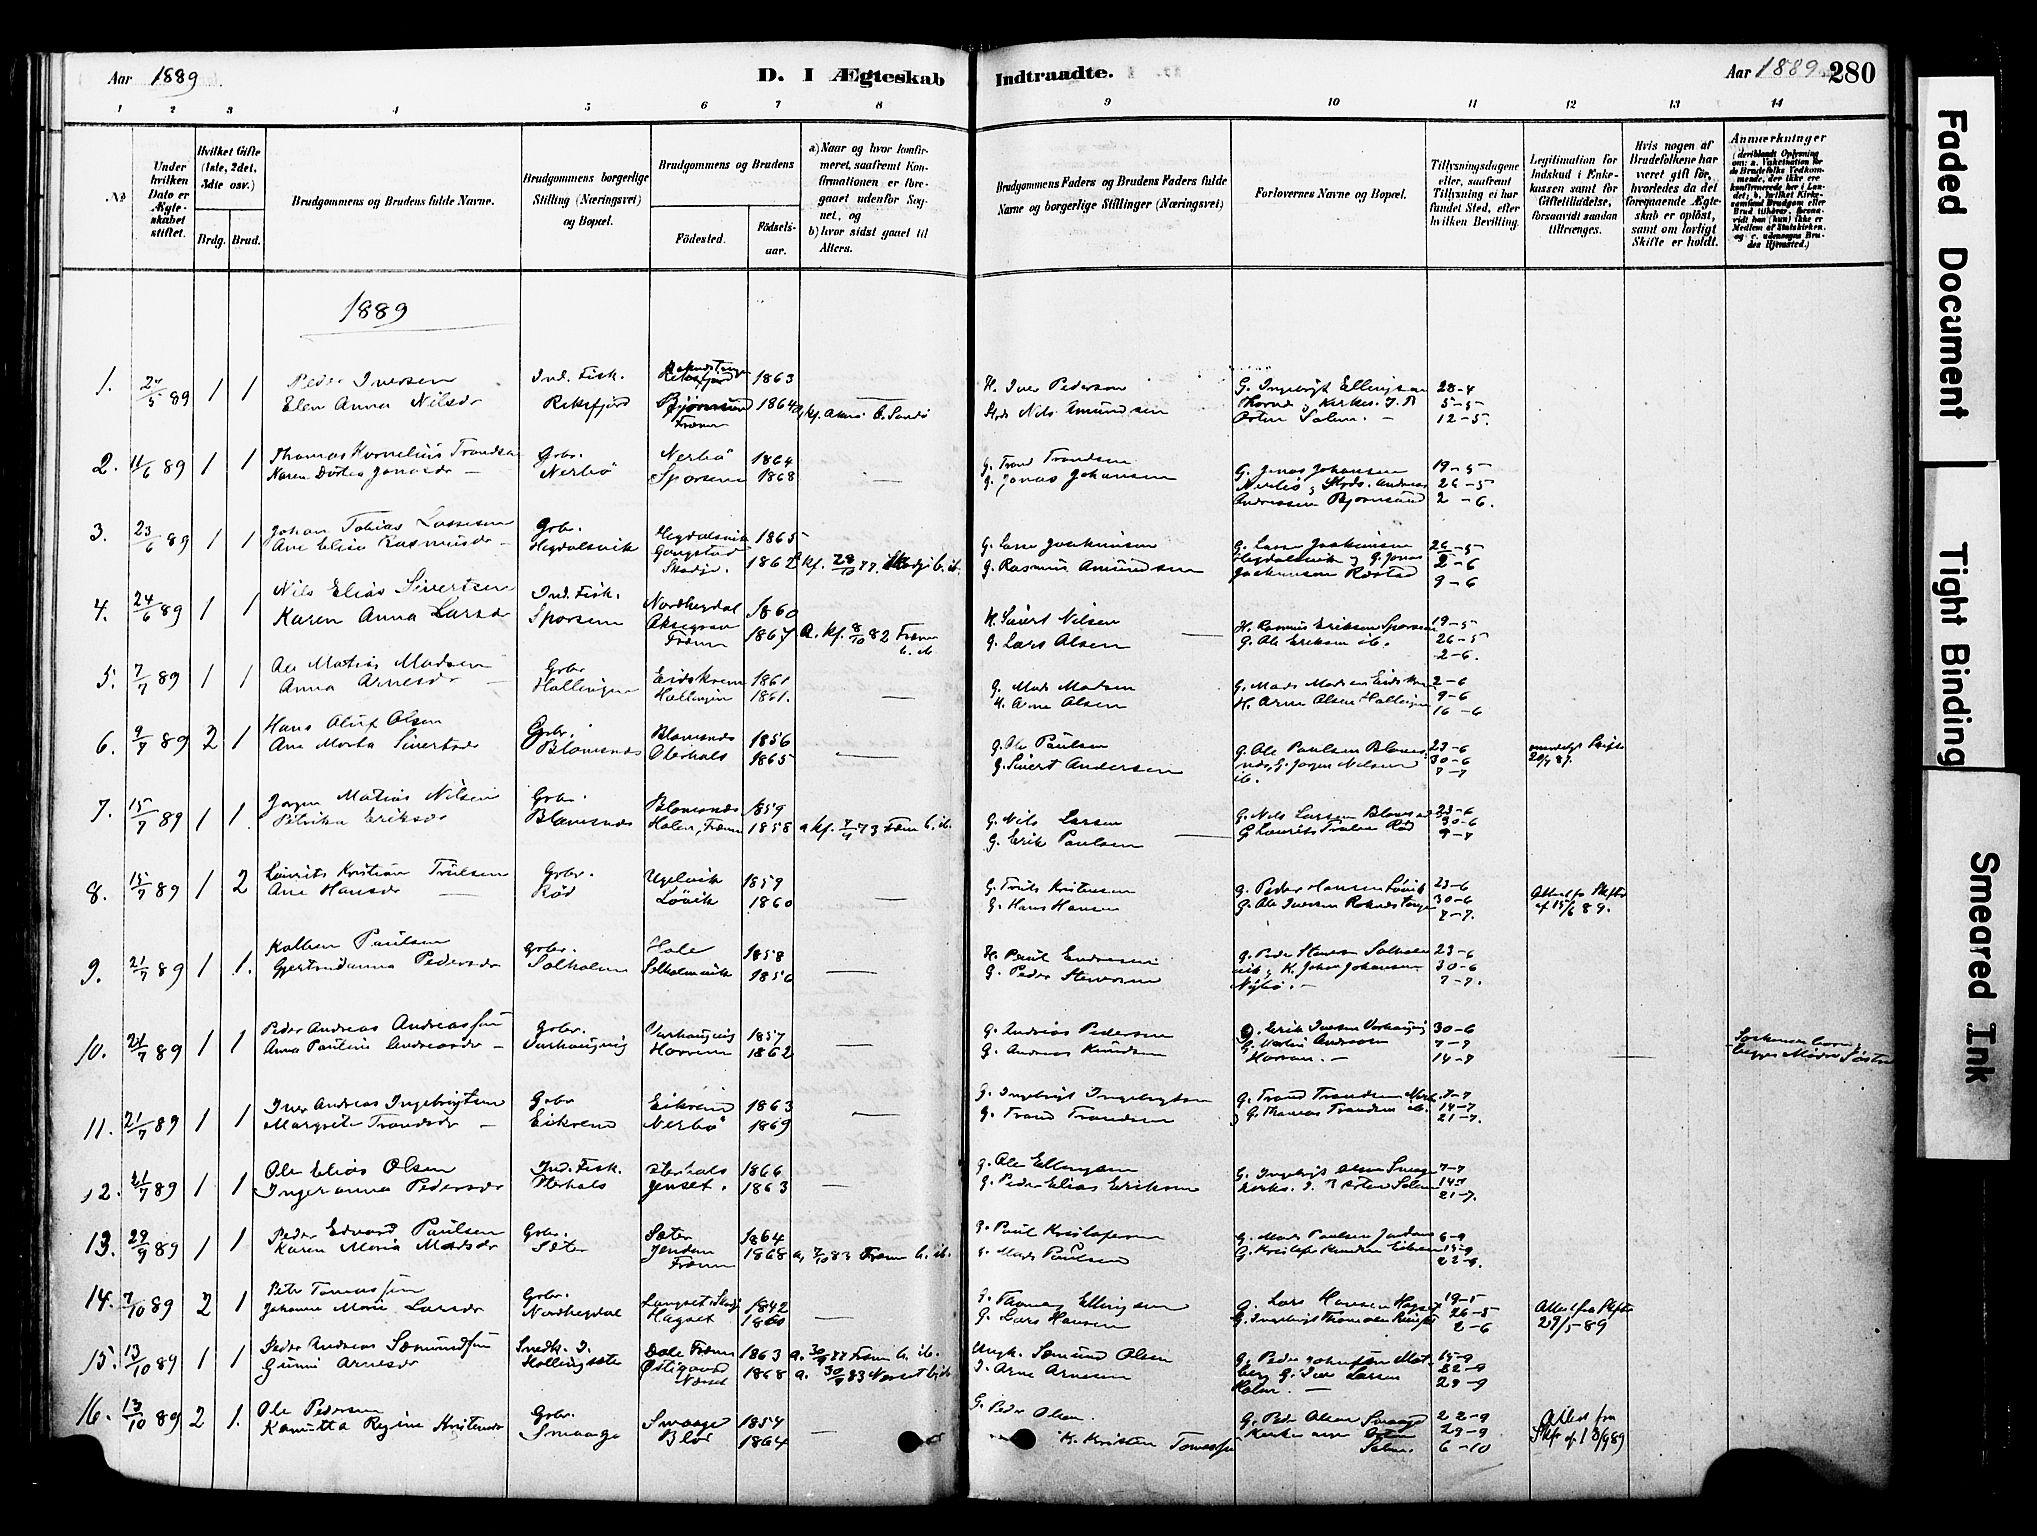 SAT, Ministerialprotokoller, klokkerbøker og fødselsregistre - Møre og Romsdal, 560/L0721: Ministerialbok nr. 560A05, 1878-1917, s. 280